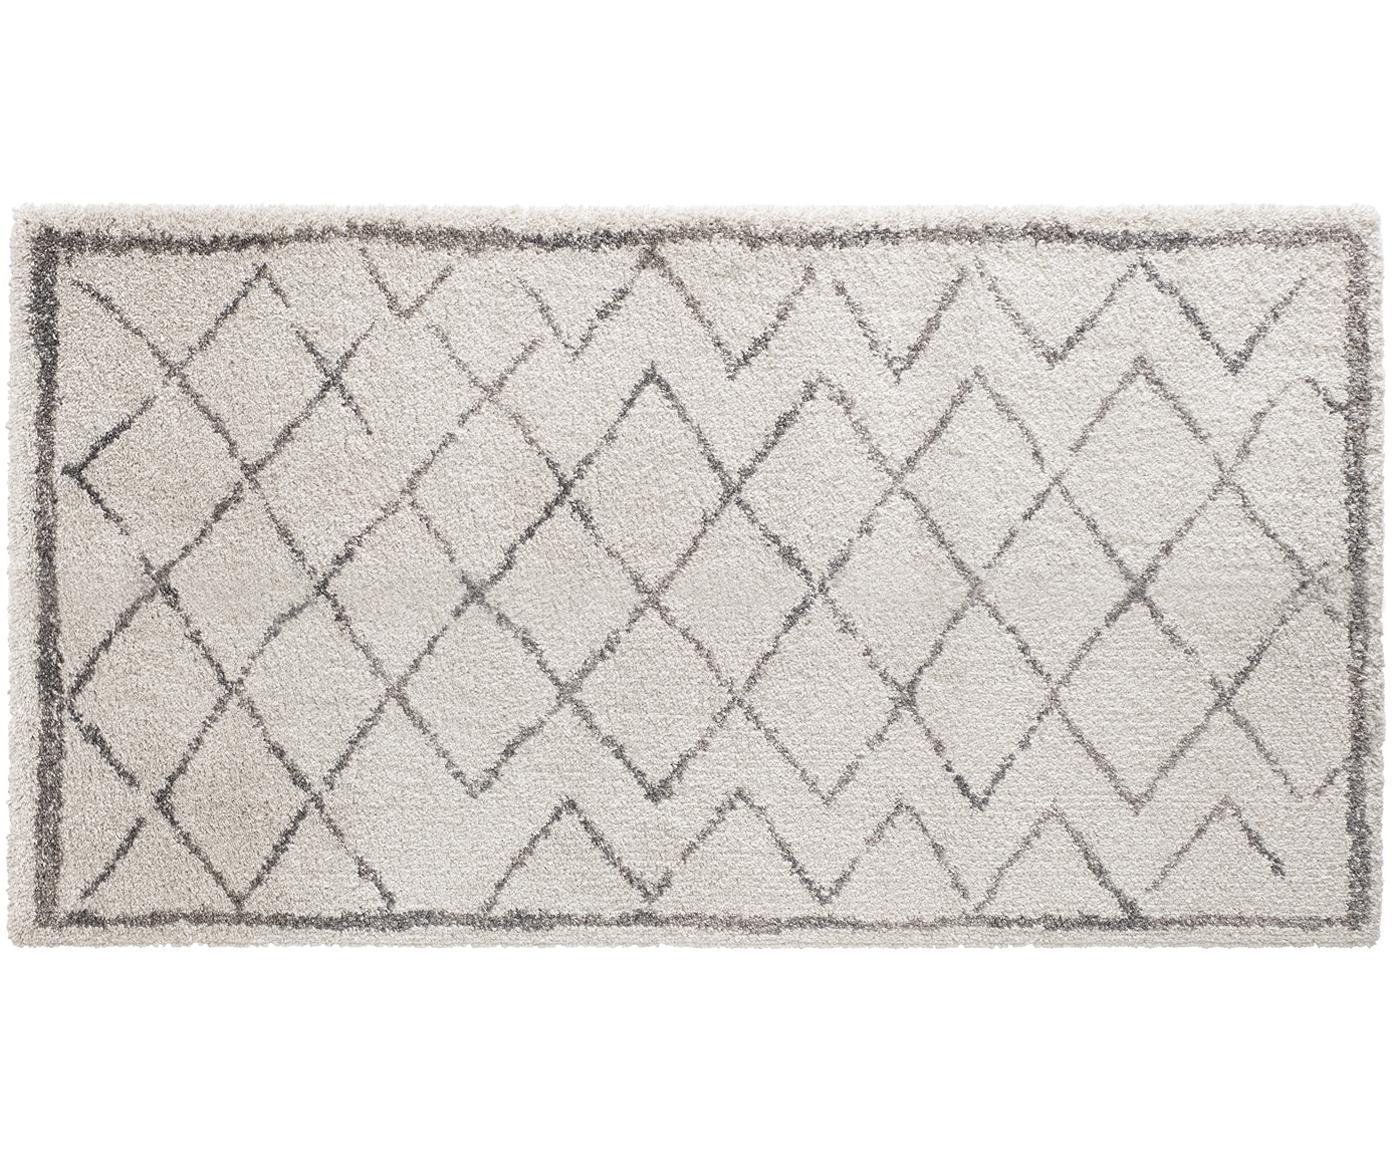 Hoogpolig vloerkleed Grace Diamond met ruitjesmotief, grijs-crèmekleurig, Bovenzijde: polypropyleen, Onderzijde: jute, Crèmekleurig, grijs, 80 x 150 cm